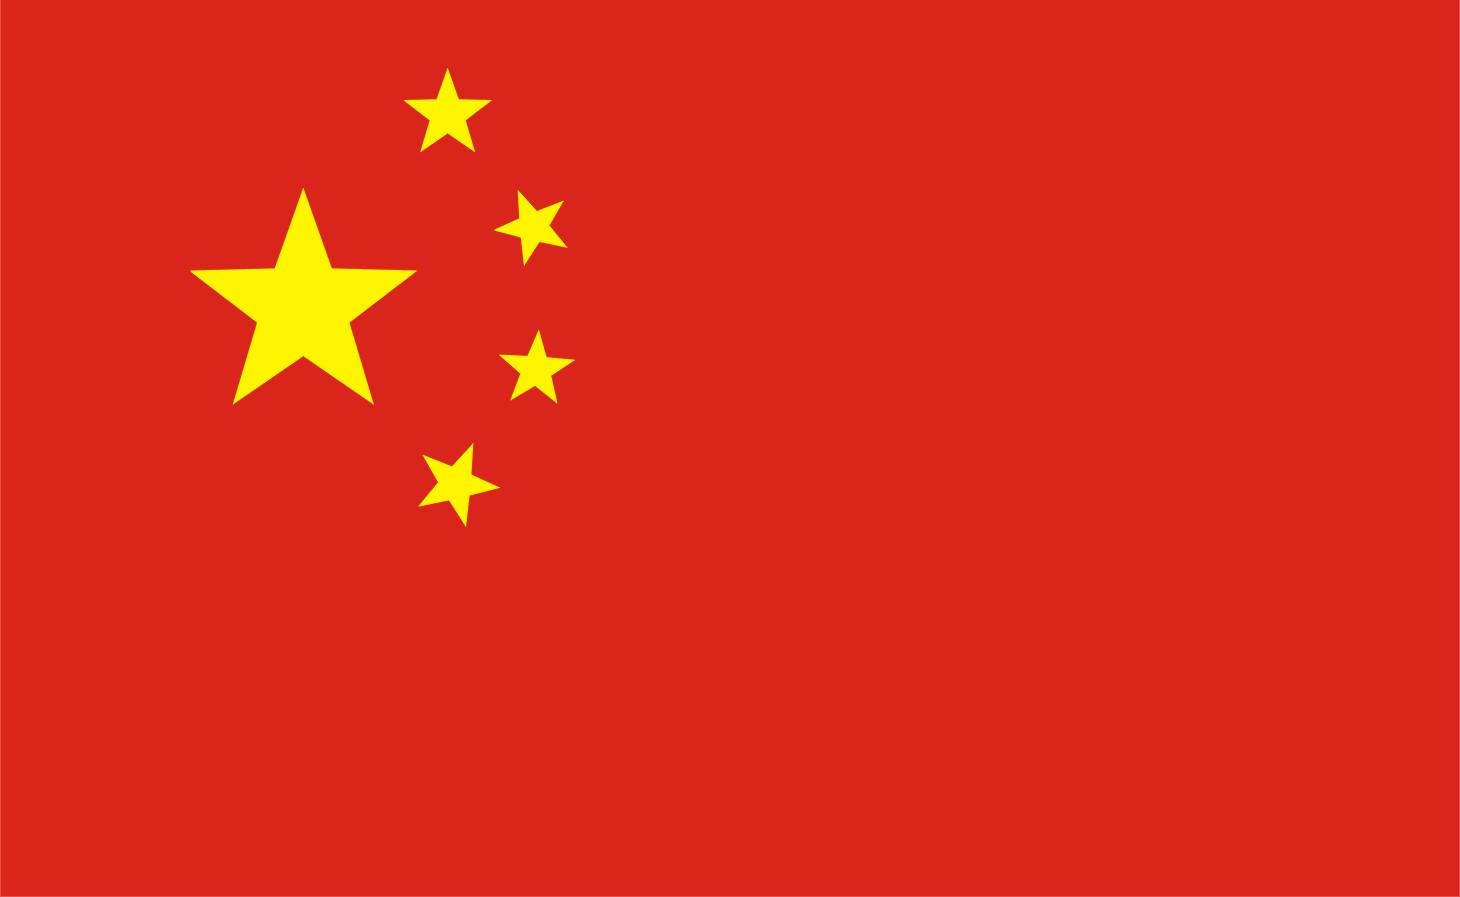 全国的国旗_中国国旗的颜色代表什么_百度知道